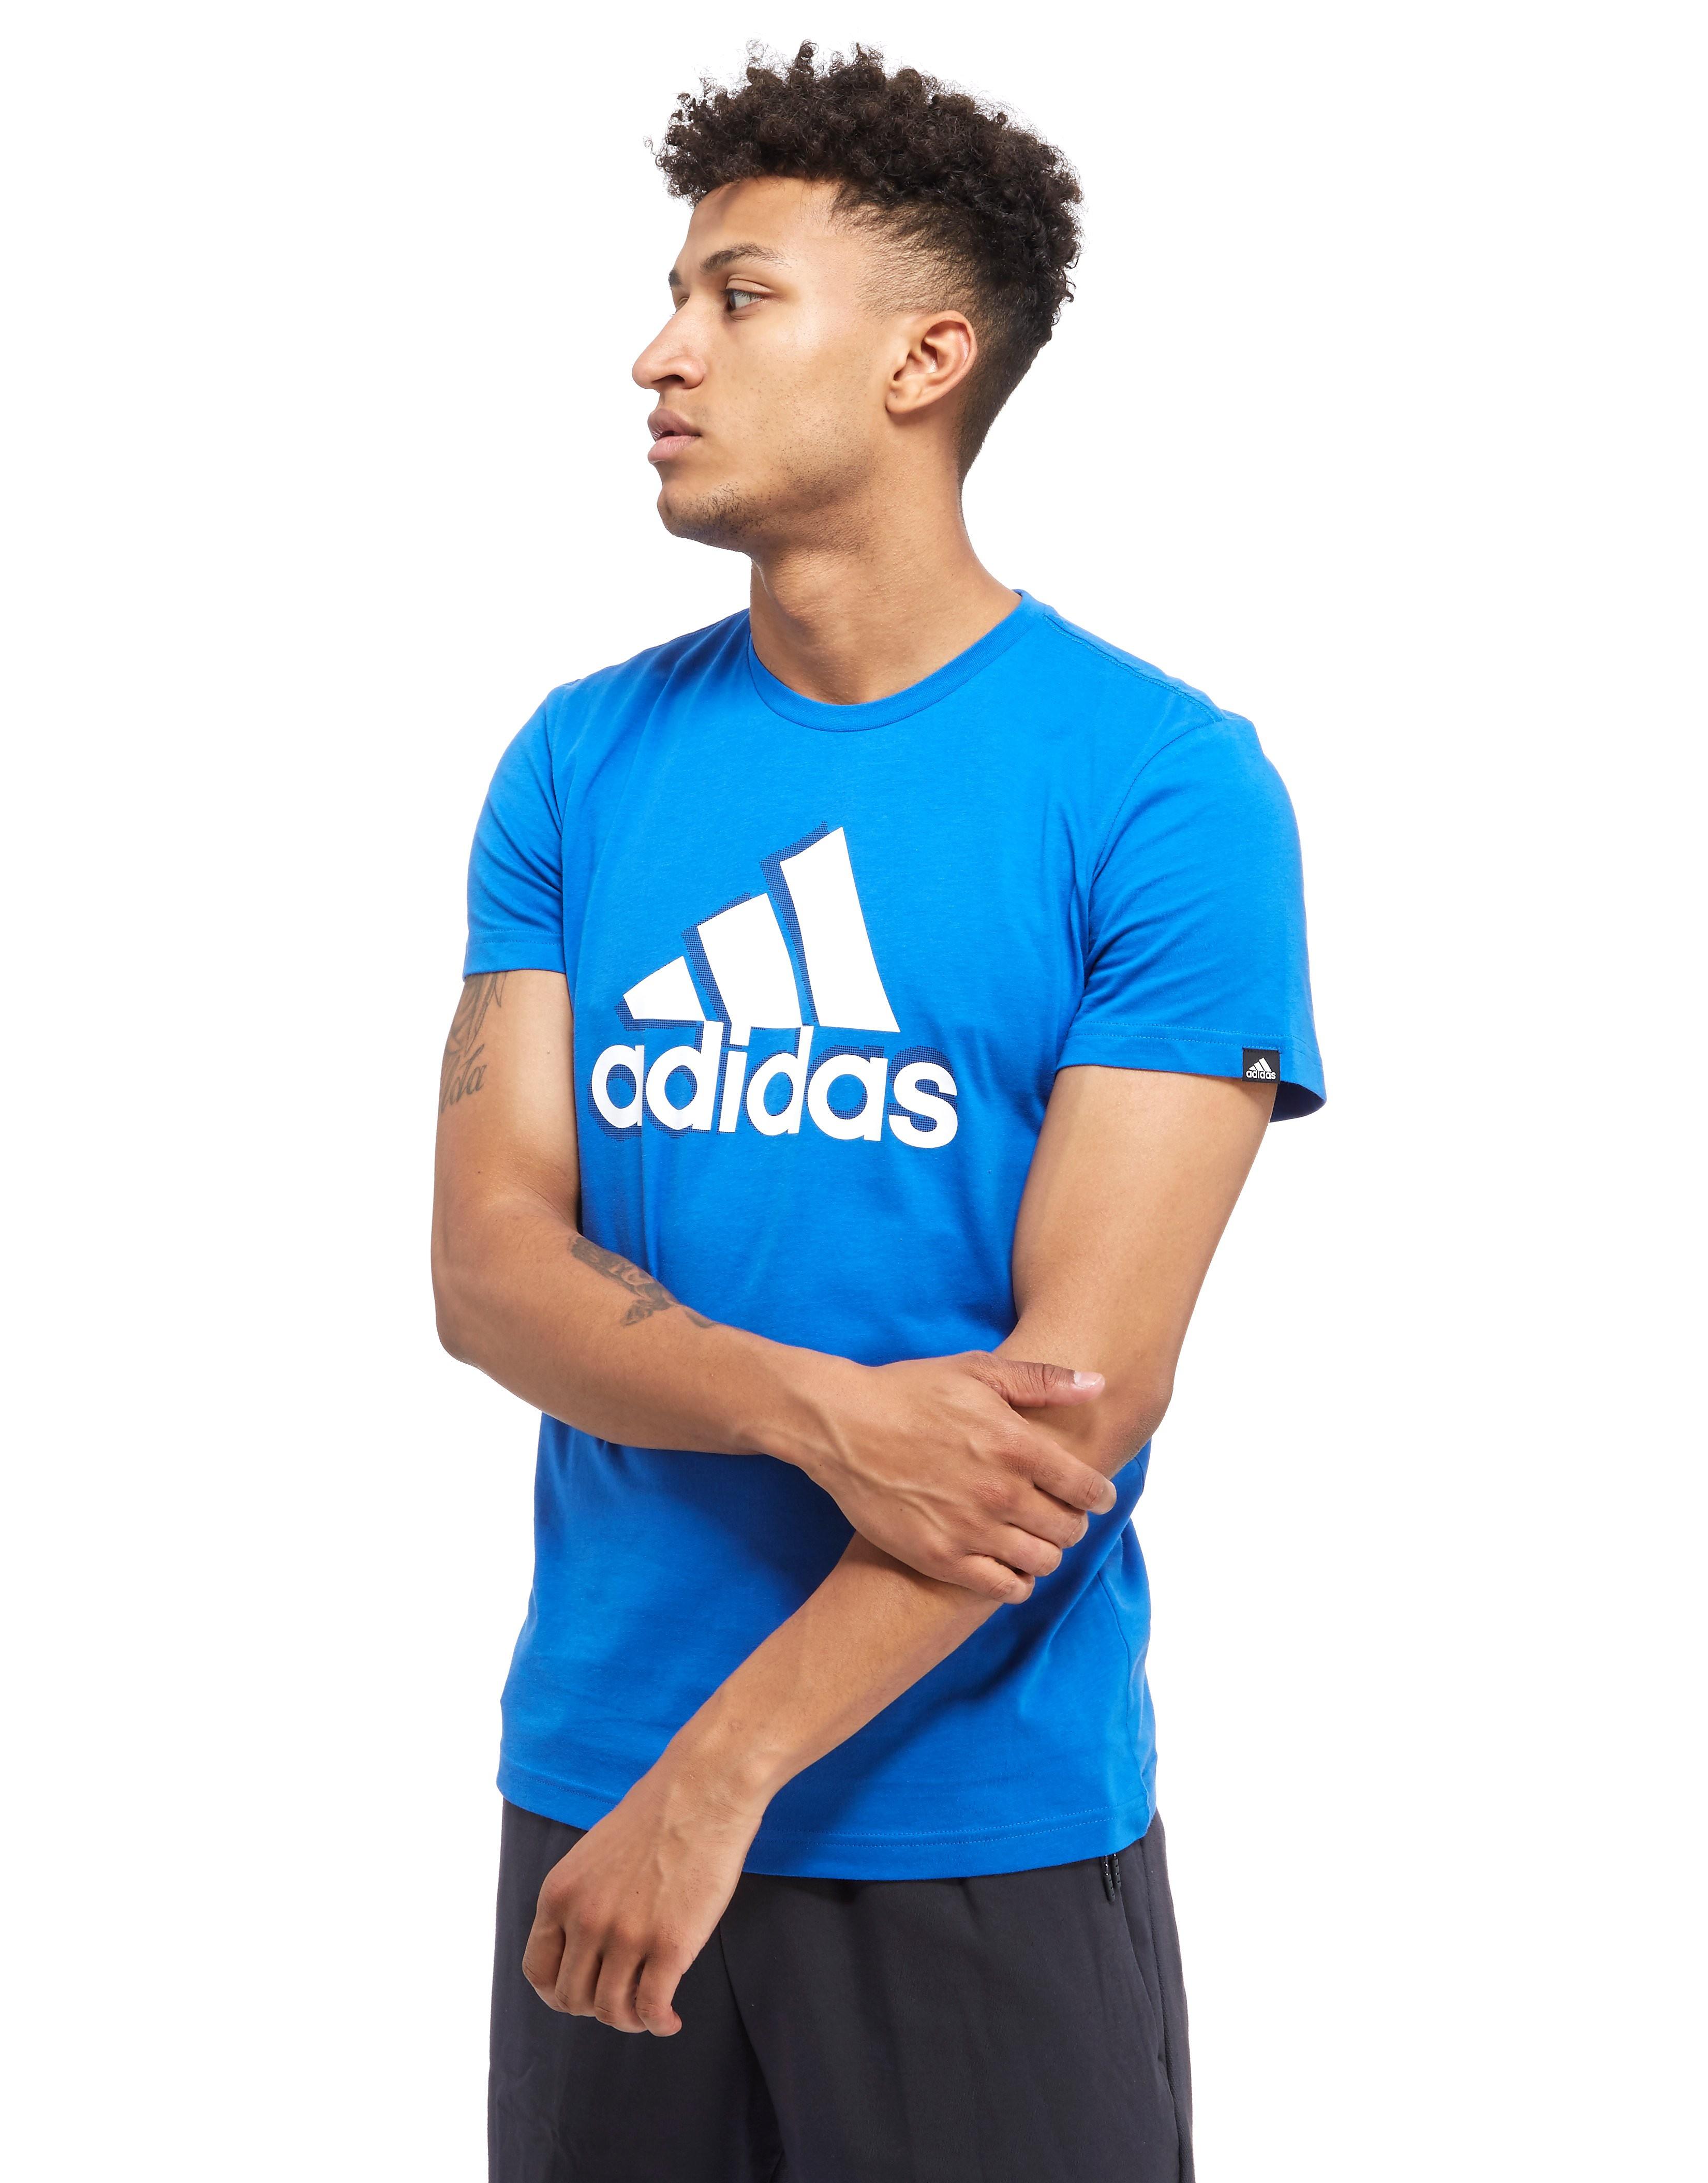 adidas Performance Shadow T-Shirt